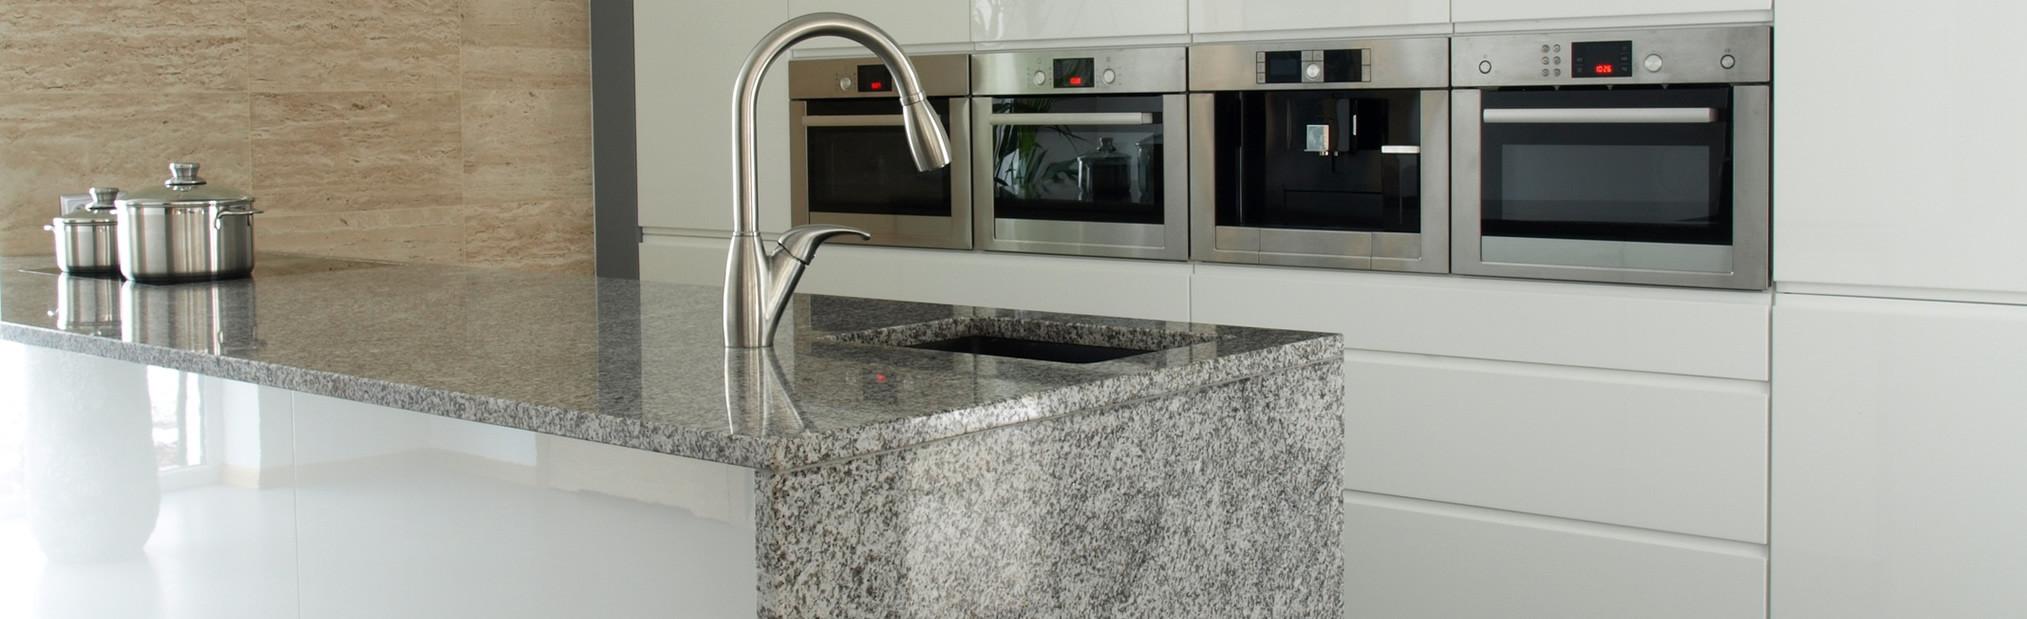 pia-cozinha-granito-moderna